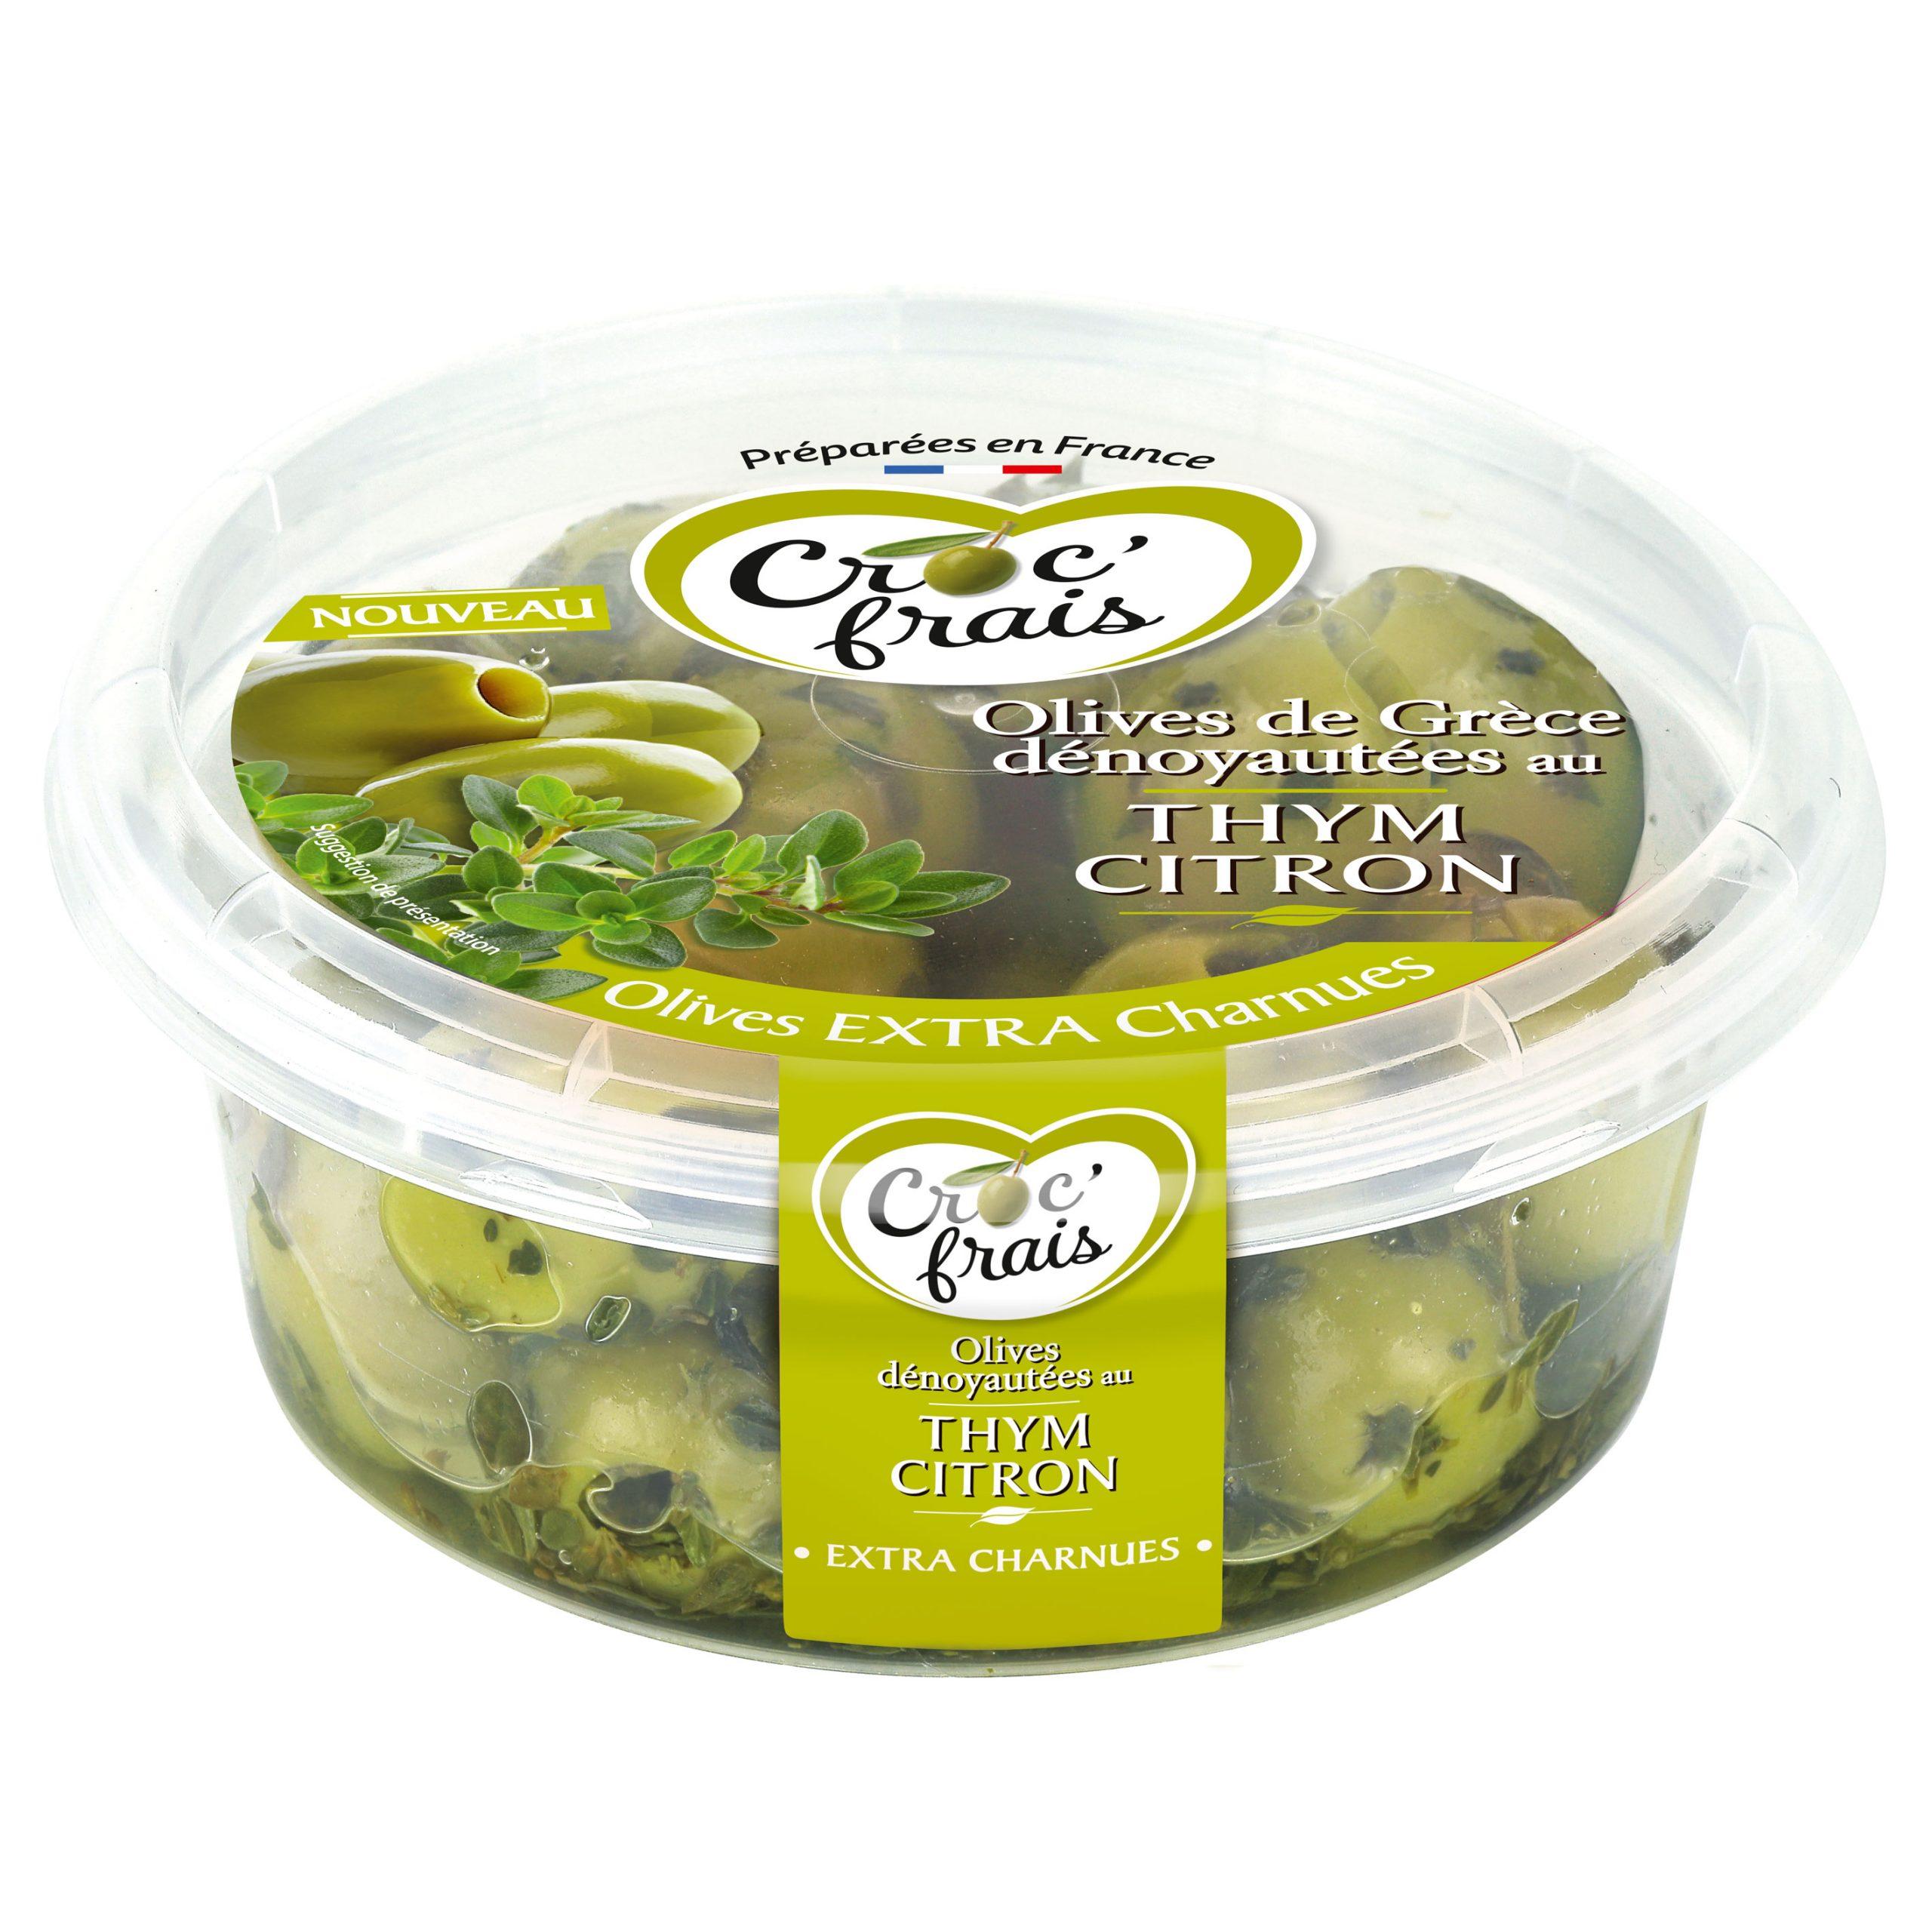 thym citron scaled - Deux nouvelles recettes d'olives de Grèce par Croc'Frais